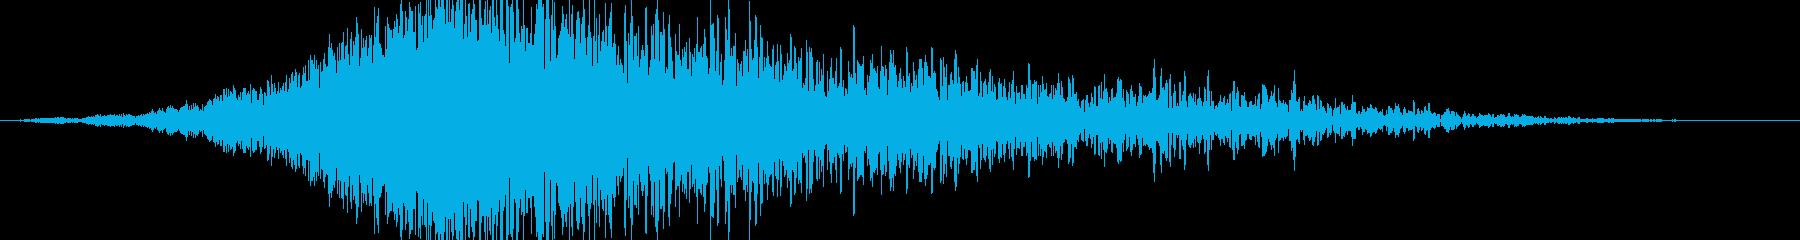 びっくりする雷の怖い音(ホラー)の再生済みの波形